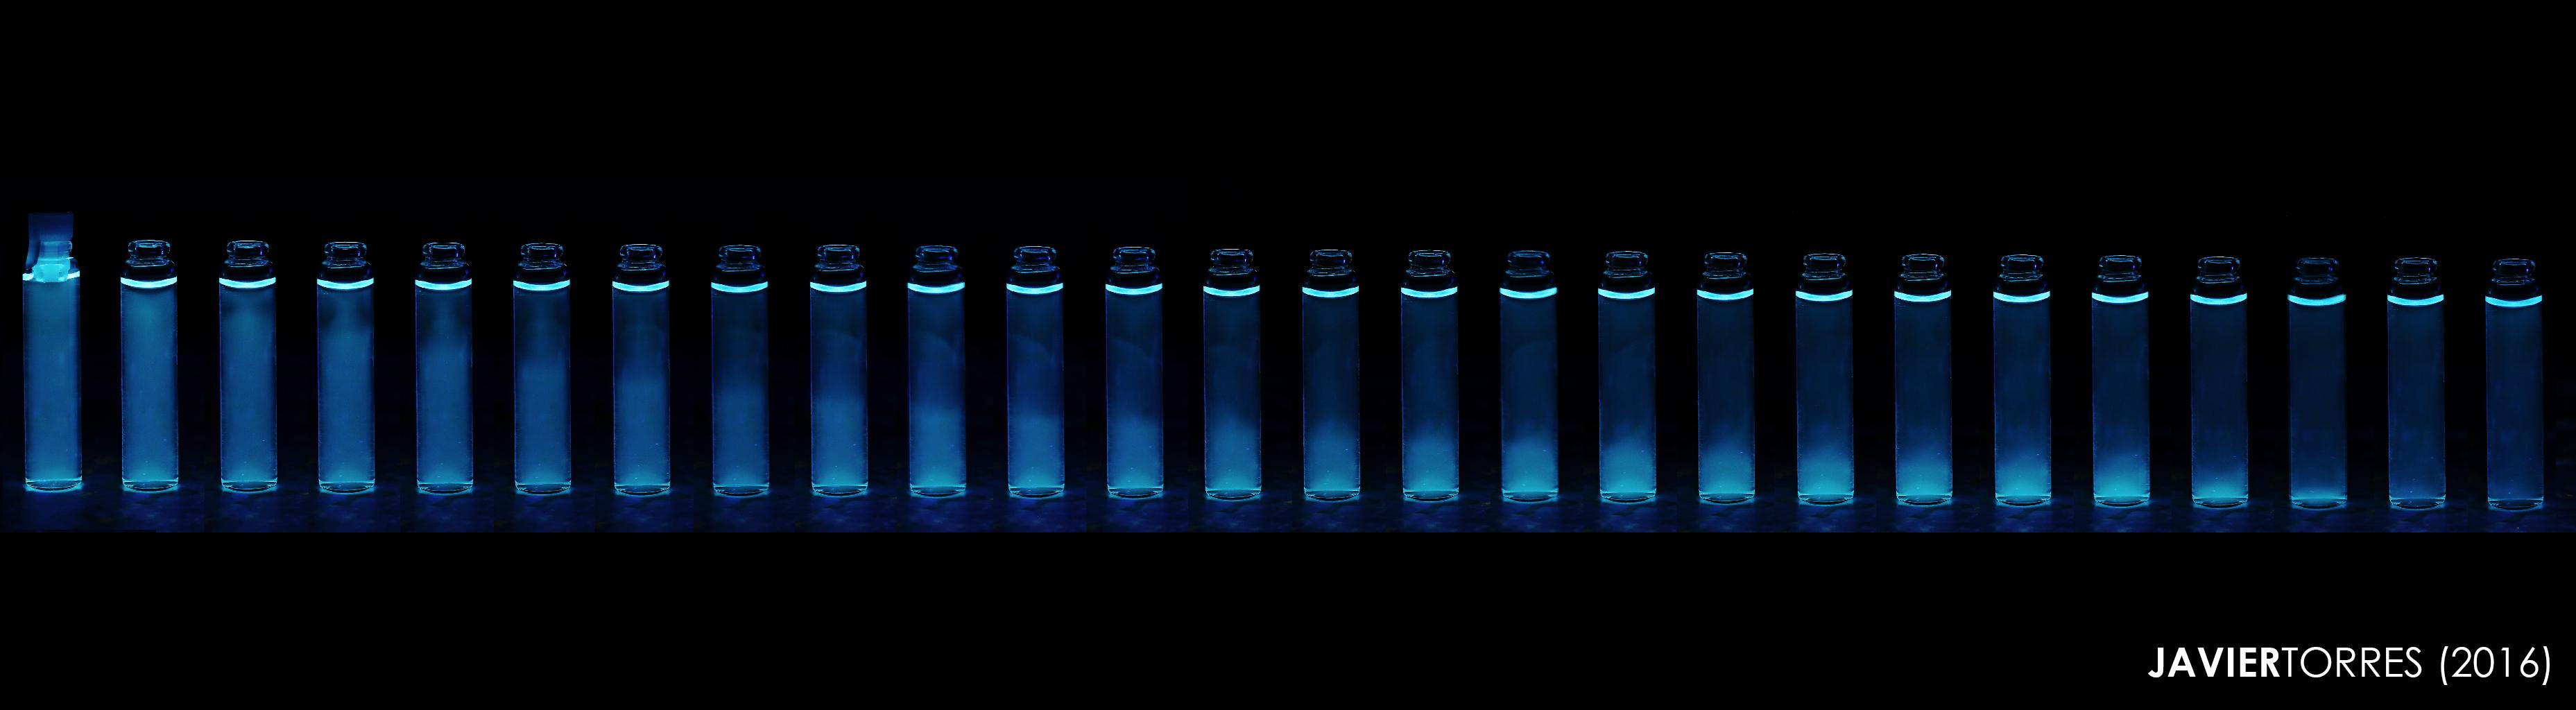 Wallpaper Fluorescencia Fluorescence Fluorescent